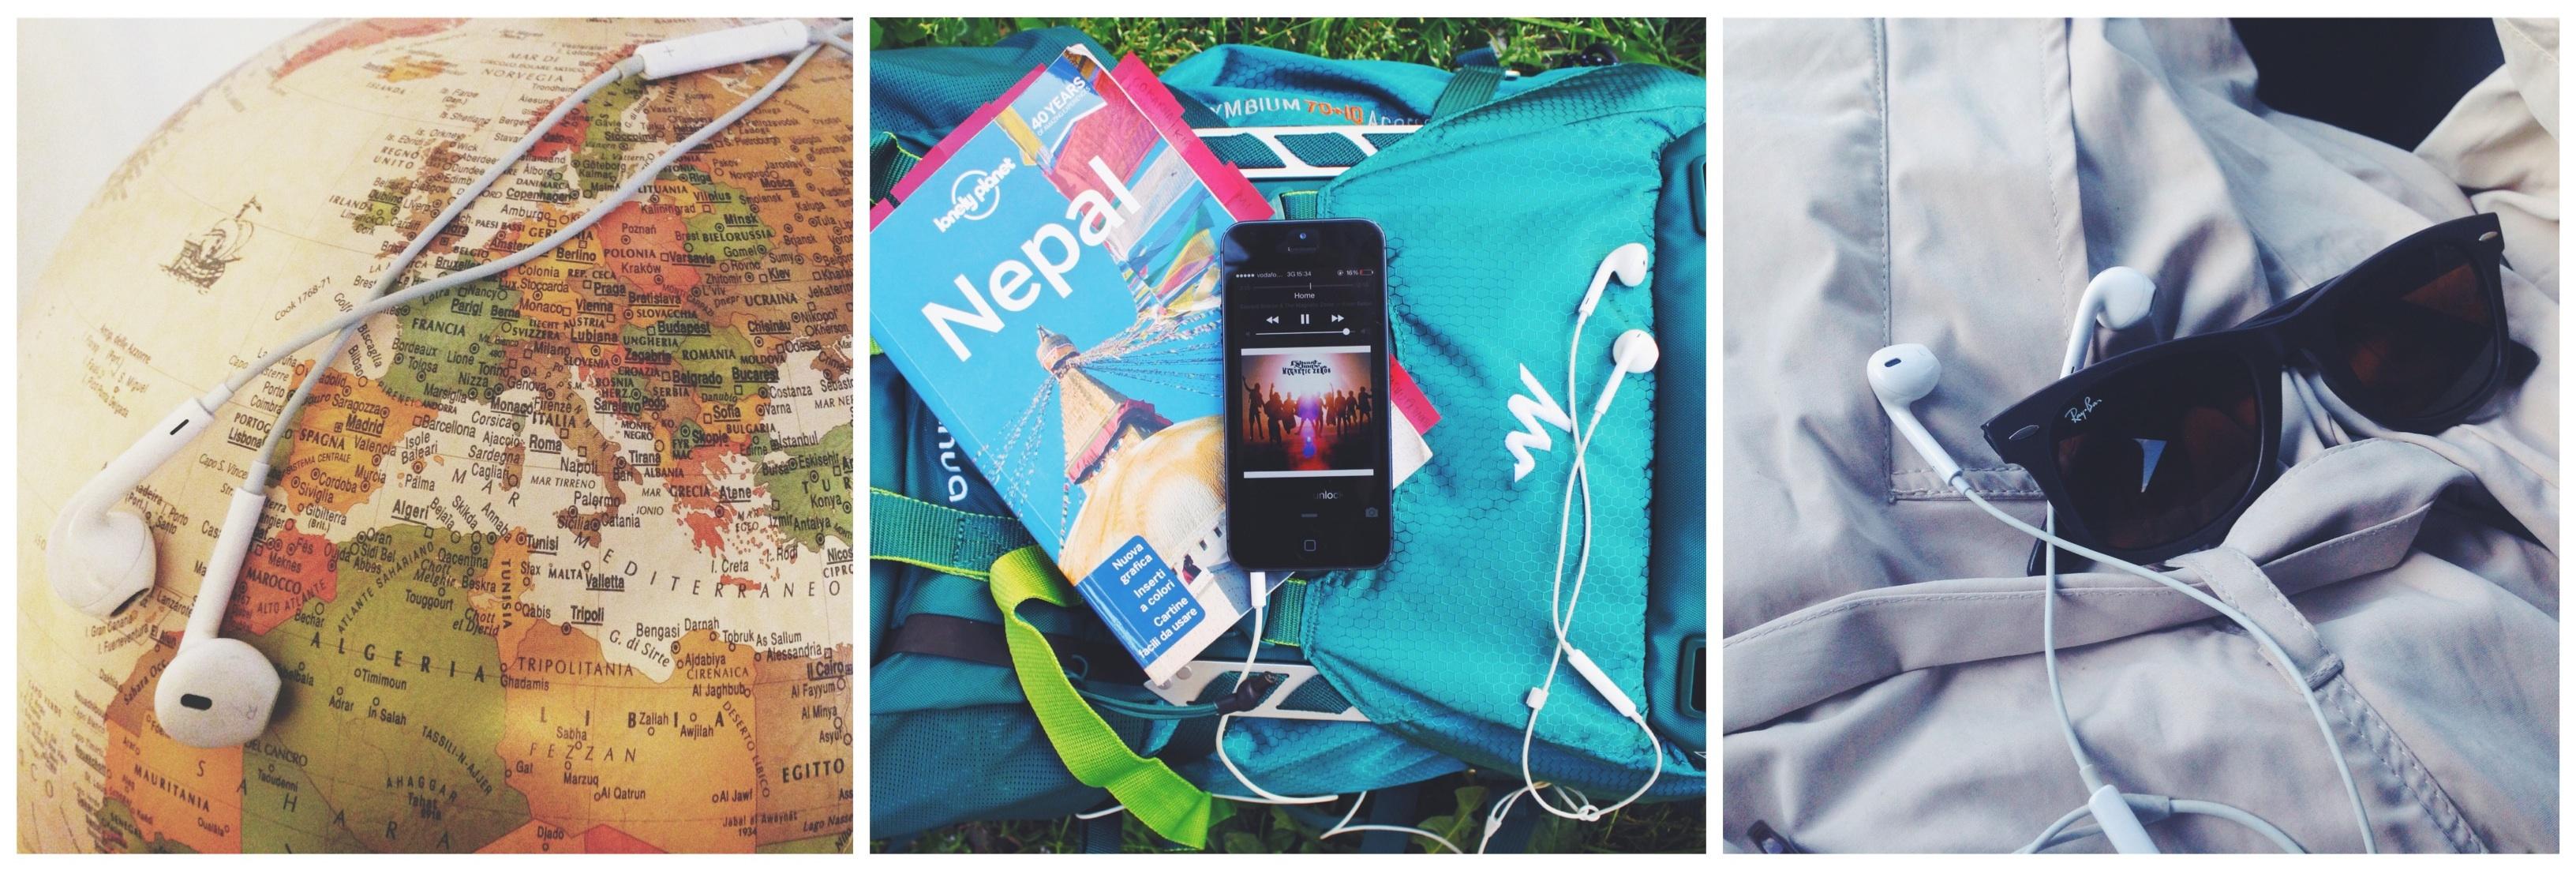 Musica per i viaggi